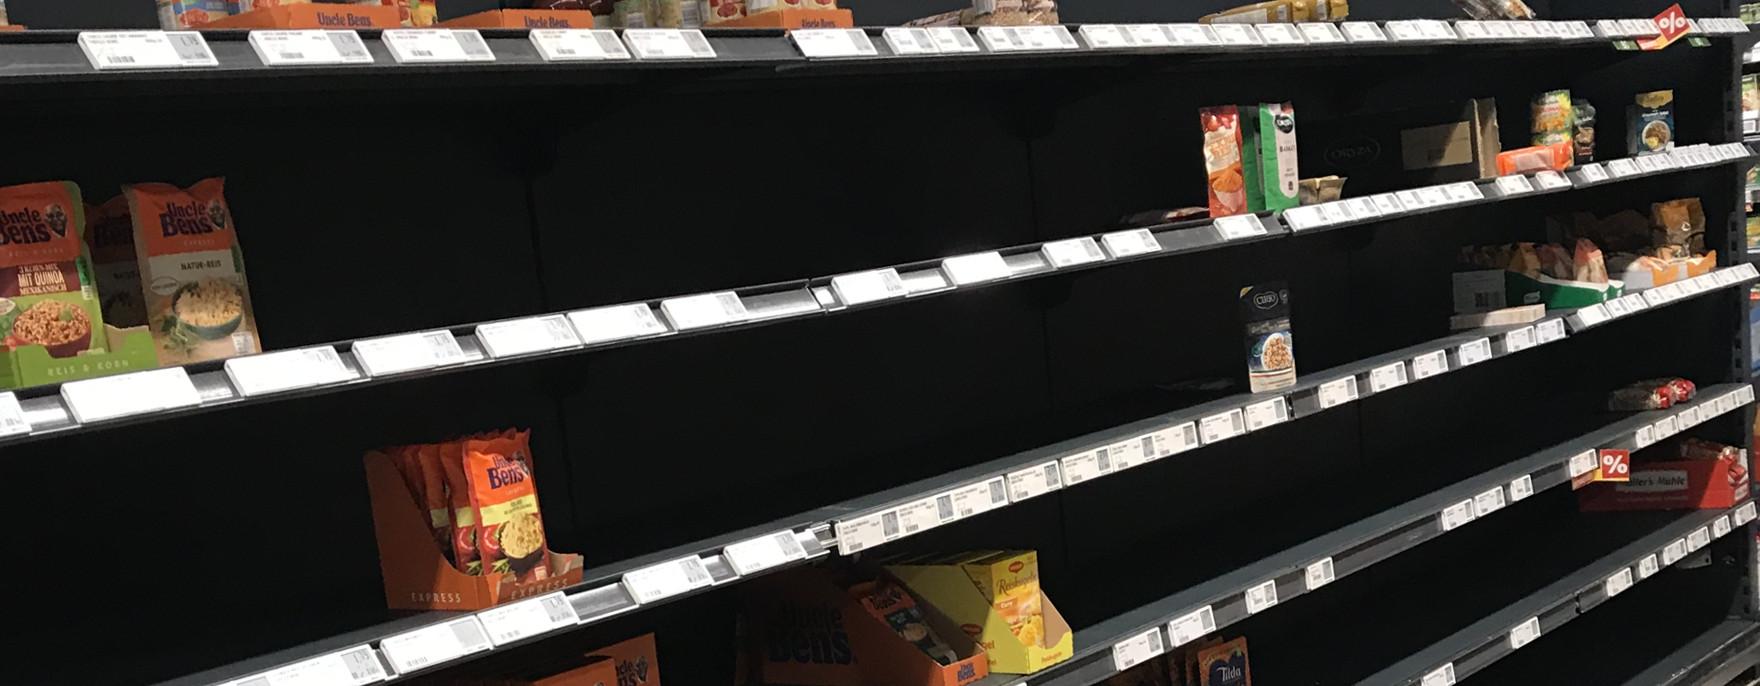 Bild Supermarkt mit Regallücken durch Hamsterkäufe. Hier gibt es Consumer Insights rundum Corona-Virus.